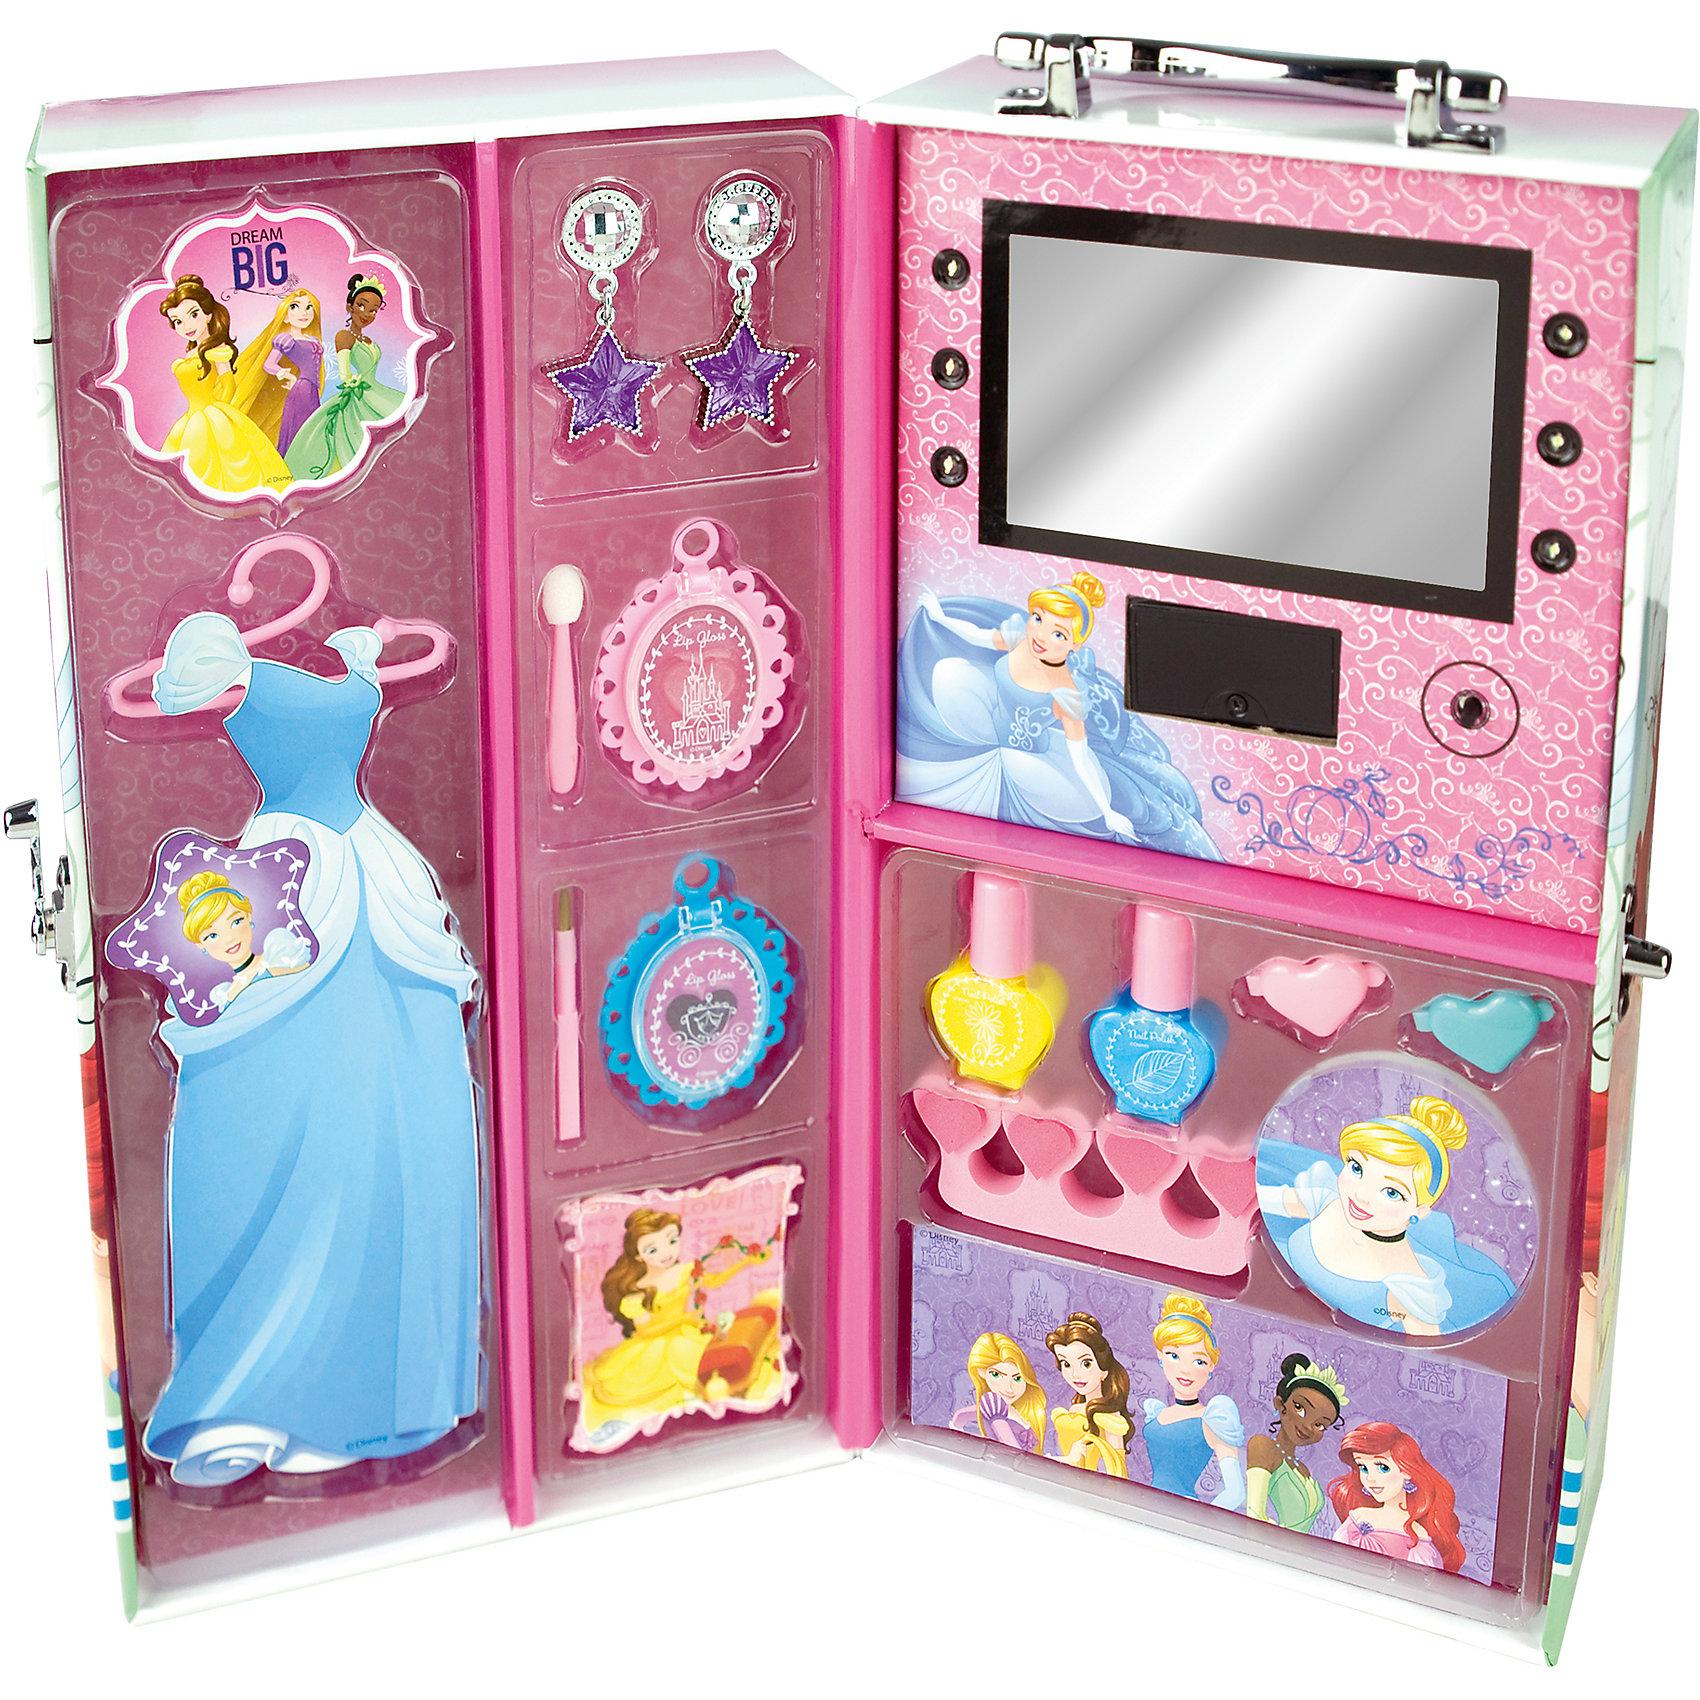 Игровой набор детской косметики Принцессы Диснея в чемодане (подсветка)Принцессы Дисней<br>Характеристики:<br><br>• Наименование: детская декоративная косметика<br>• Предназначение: для сюжетно-ролевых игр<br>• Серия: Принцессы Диснея<br>• Пол: для девочки<br>• Материал: натуральные косметические компоненты, пластик, картон<br>• Цвет: в ассортименте<br>• Комплектация: 2 оттенков блеска для губ в виде подвесок, 2 лака для ногтей, аппликатор, кисть, разделитель для пальцев, пилочка, серьги, 2 заколки для волос, вешалка для платья куклы, наклейки (которыми девочка на свое усмотрение сможет украсить чемодан), зеркало с подсветкой внутри чемодана<br>• Батарейки: 2 шт. CR2032 (предусмотрены в комплекте)<br>• Размеры (Д*Ш*В): 30*13*16 см<br>• Вес: 785 г <br>• Упаковка: чемоданчик с ручкой<br><br>Игровой набор детской декоративной косметики в чемодане с подсветкой, Принцессы Дисней – это набор игровой детской косметики от Markwins, которая вот уже несколько десятилетий специализируется на выпуске детской косметики. Рецептура декоративной детской косметики разработана совместно с косметологами и медиками, в основе рецептуры – водная основа, а потому она гипоаллергенны, не вызывает раздражений на детской коже и легко смывается, не оставляя следа. Безопасность продукции подтверждена международными сертификатами качества и безопасности. <br>Игровой набор детской декоративной косметики состоит из всех необходимых средств и атрибутов для создания модного макияжа и маникюра в удобной и компактной упаковке-чемодане с зеркалом, оснащенным подсветкой. Кроме того, набор включает в себя инструменты для маникюра и макияжа, а также бижутерию для создания единого образа. Косметические средства, входящие в состав набора, имеют длительный срок хранения – 12 месяцев. Набор выполнен в брендовом дизайне популярной серии Принцессы Диснея. Игровой набор детской декоративной косметики от Markwins может стать незаменимым праздничным подарком для любой маленькой модницы!<br><br>Игровой набор детско